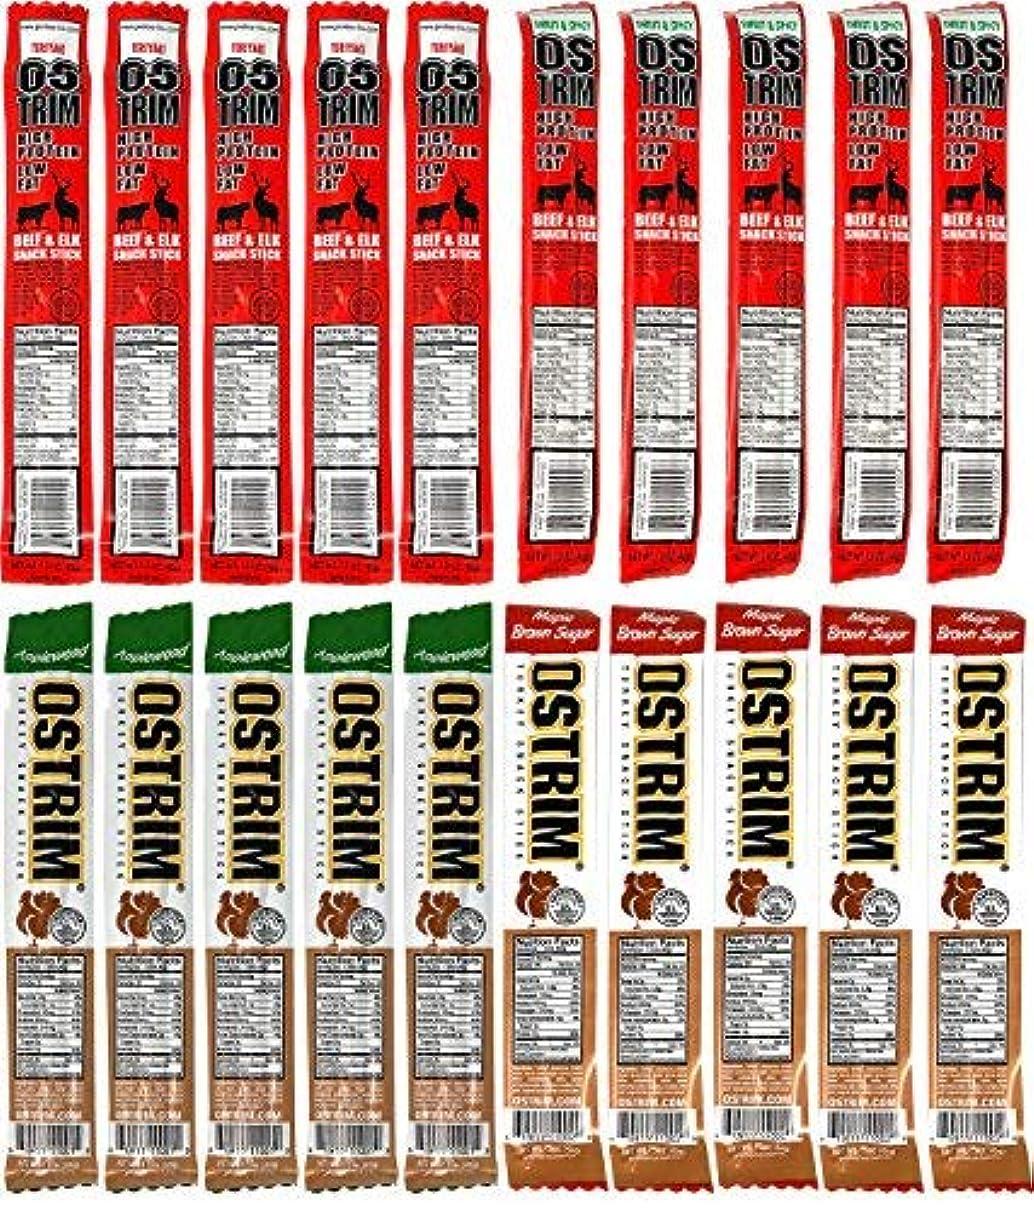 文化熟した脇にOstrim High Protein Snack Beef & Elk and Turkey Sticks Variety Pack of 20 [並行輸入品]